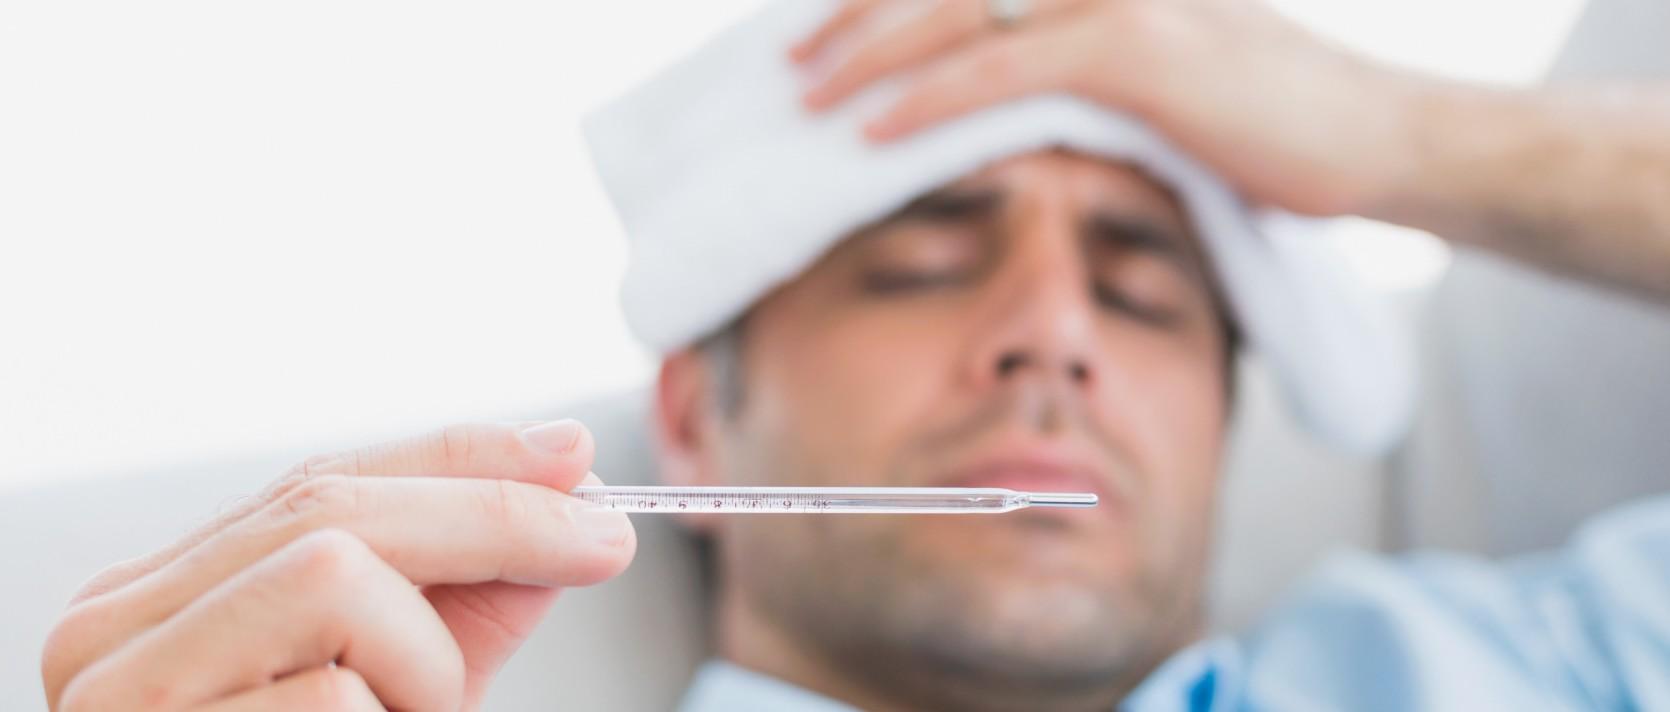 Regione Lazio, inizia la campagna antinfluenzale: distribuite le prime 350mila dosi di vaccino